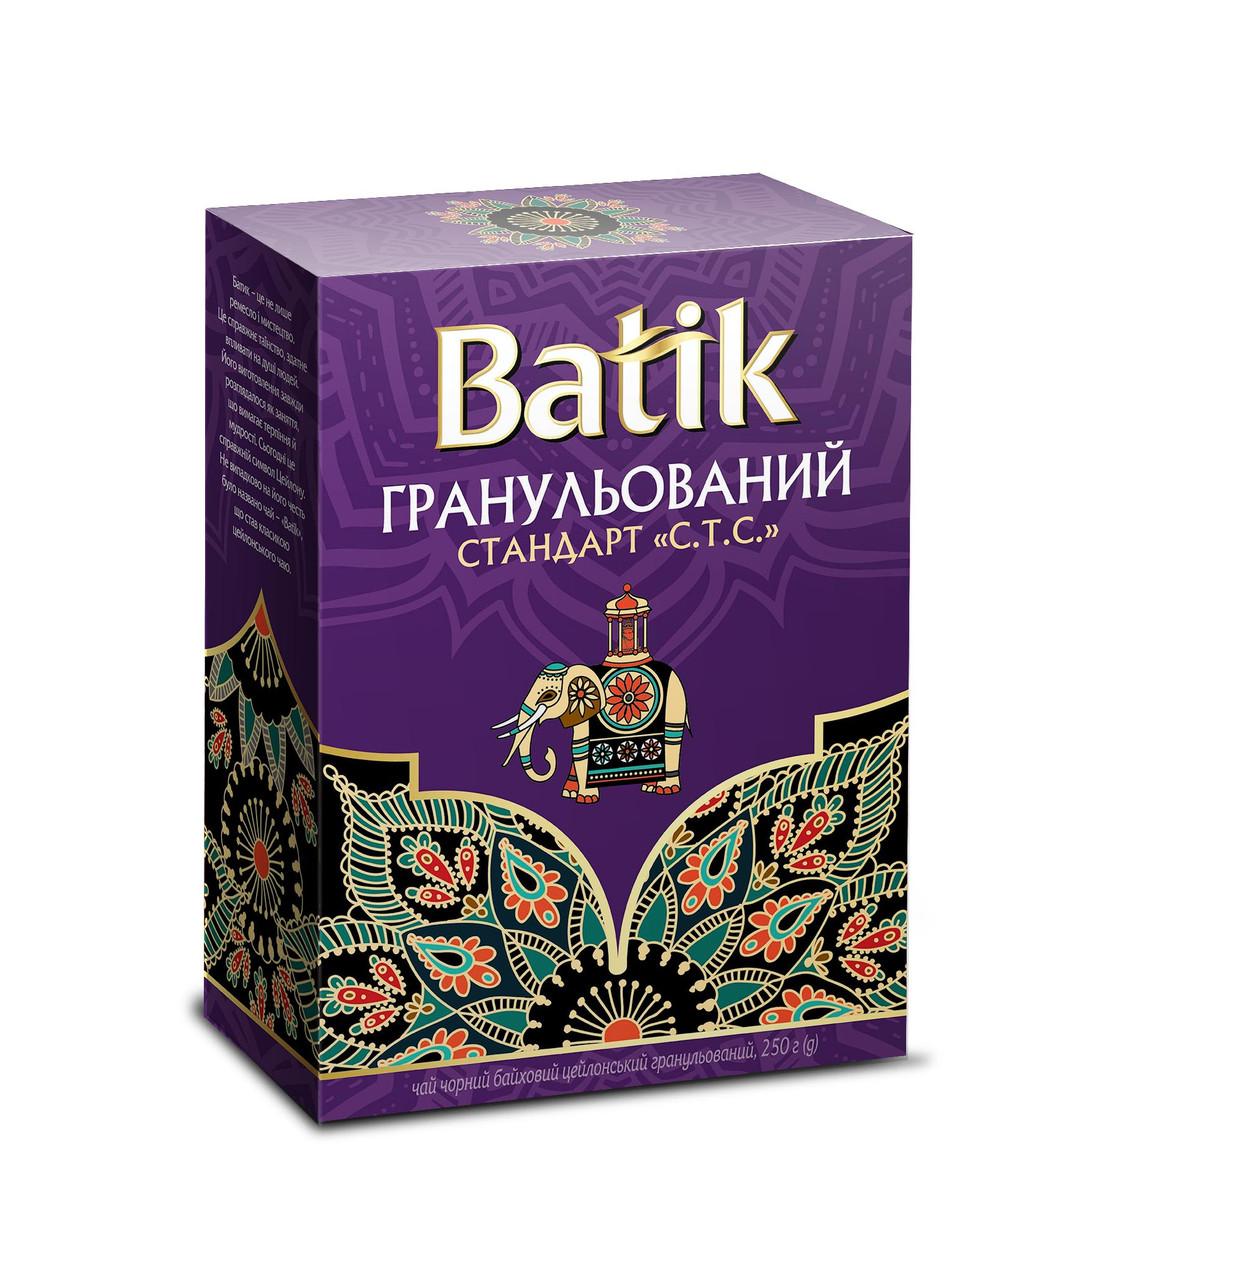 Крепкий чай Батик черный гранулированный СТС 250 грамм